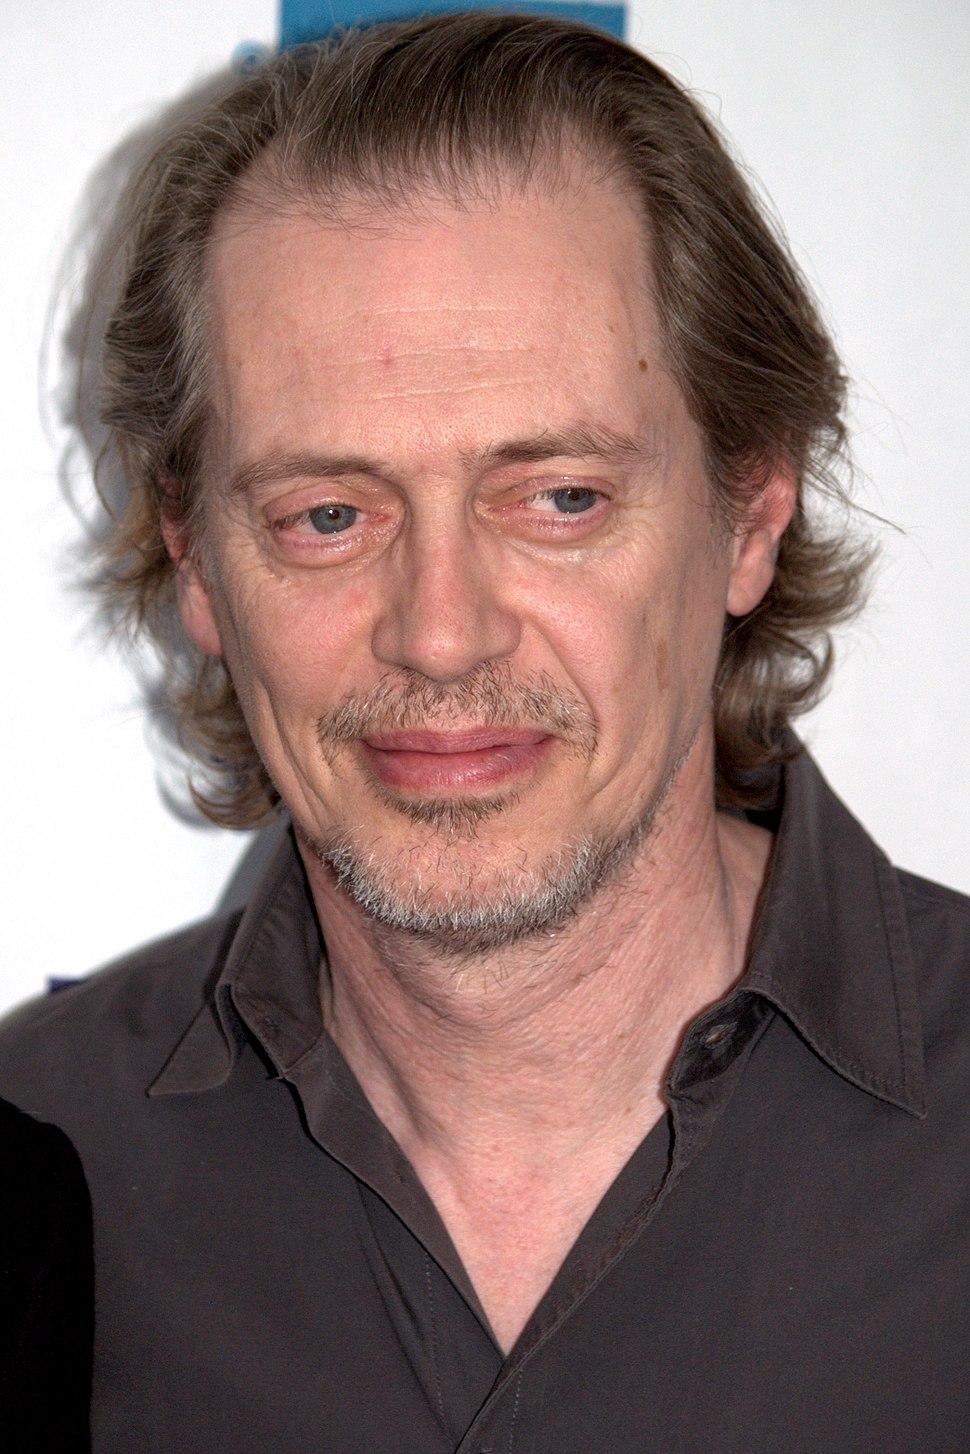 Steve Buscemi 2009 portrait